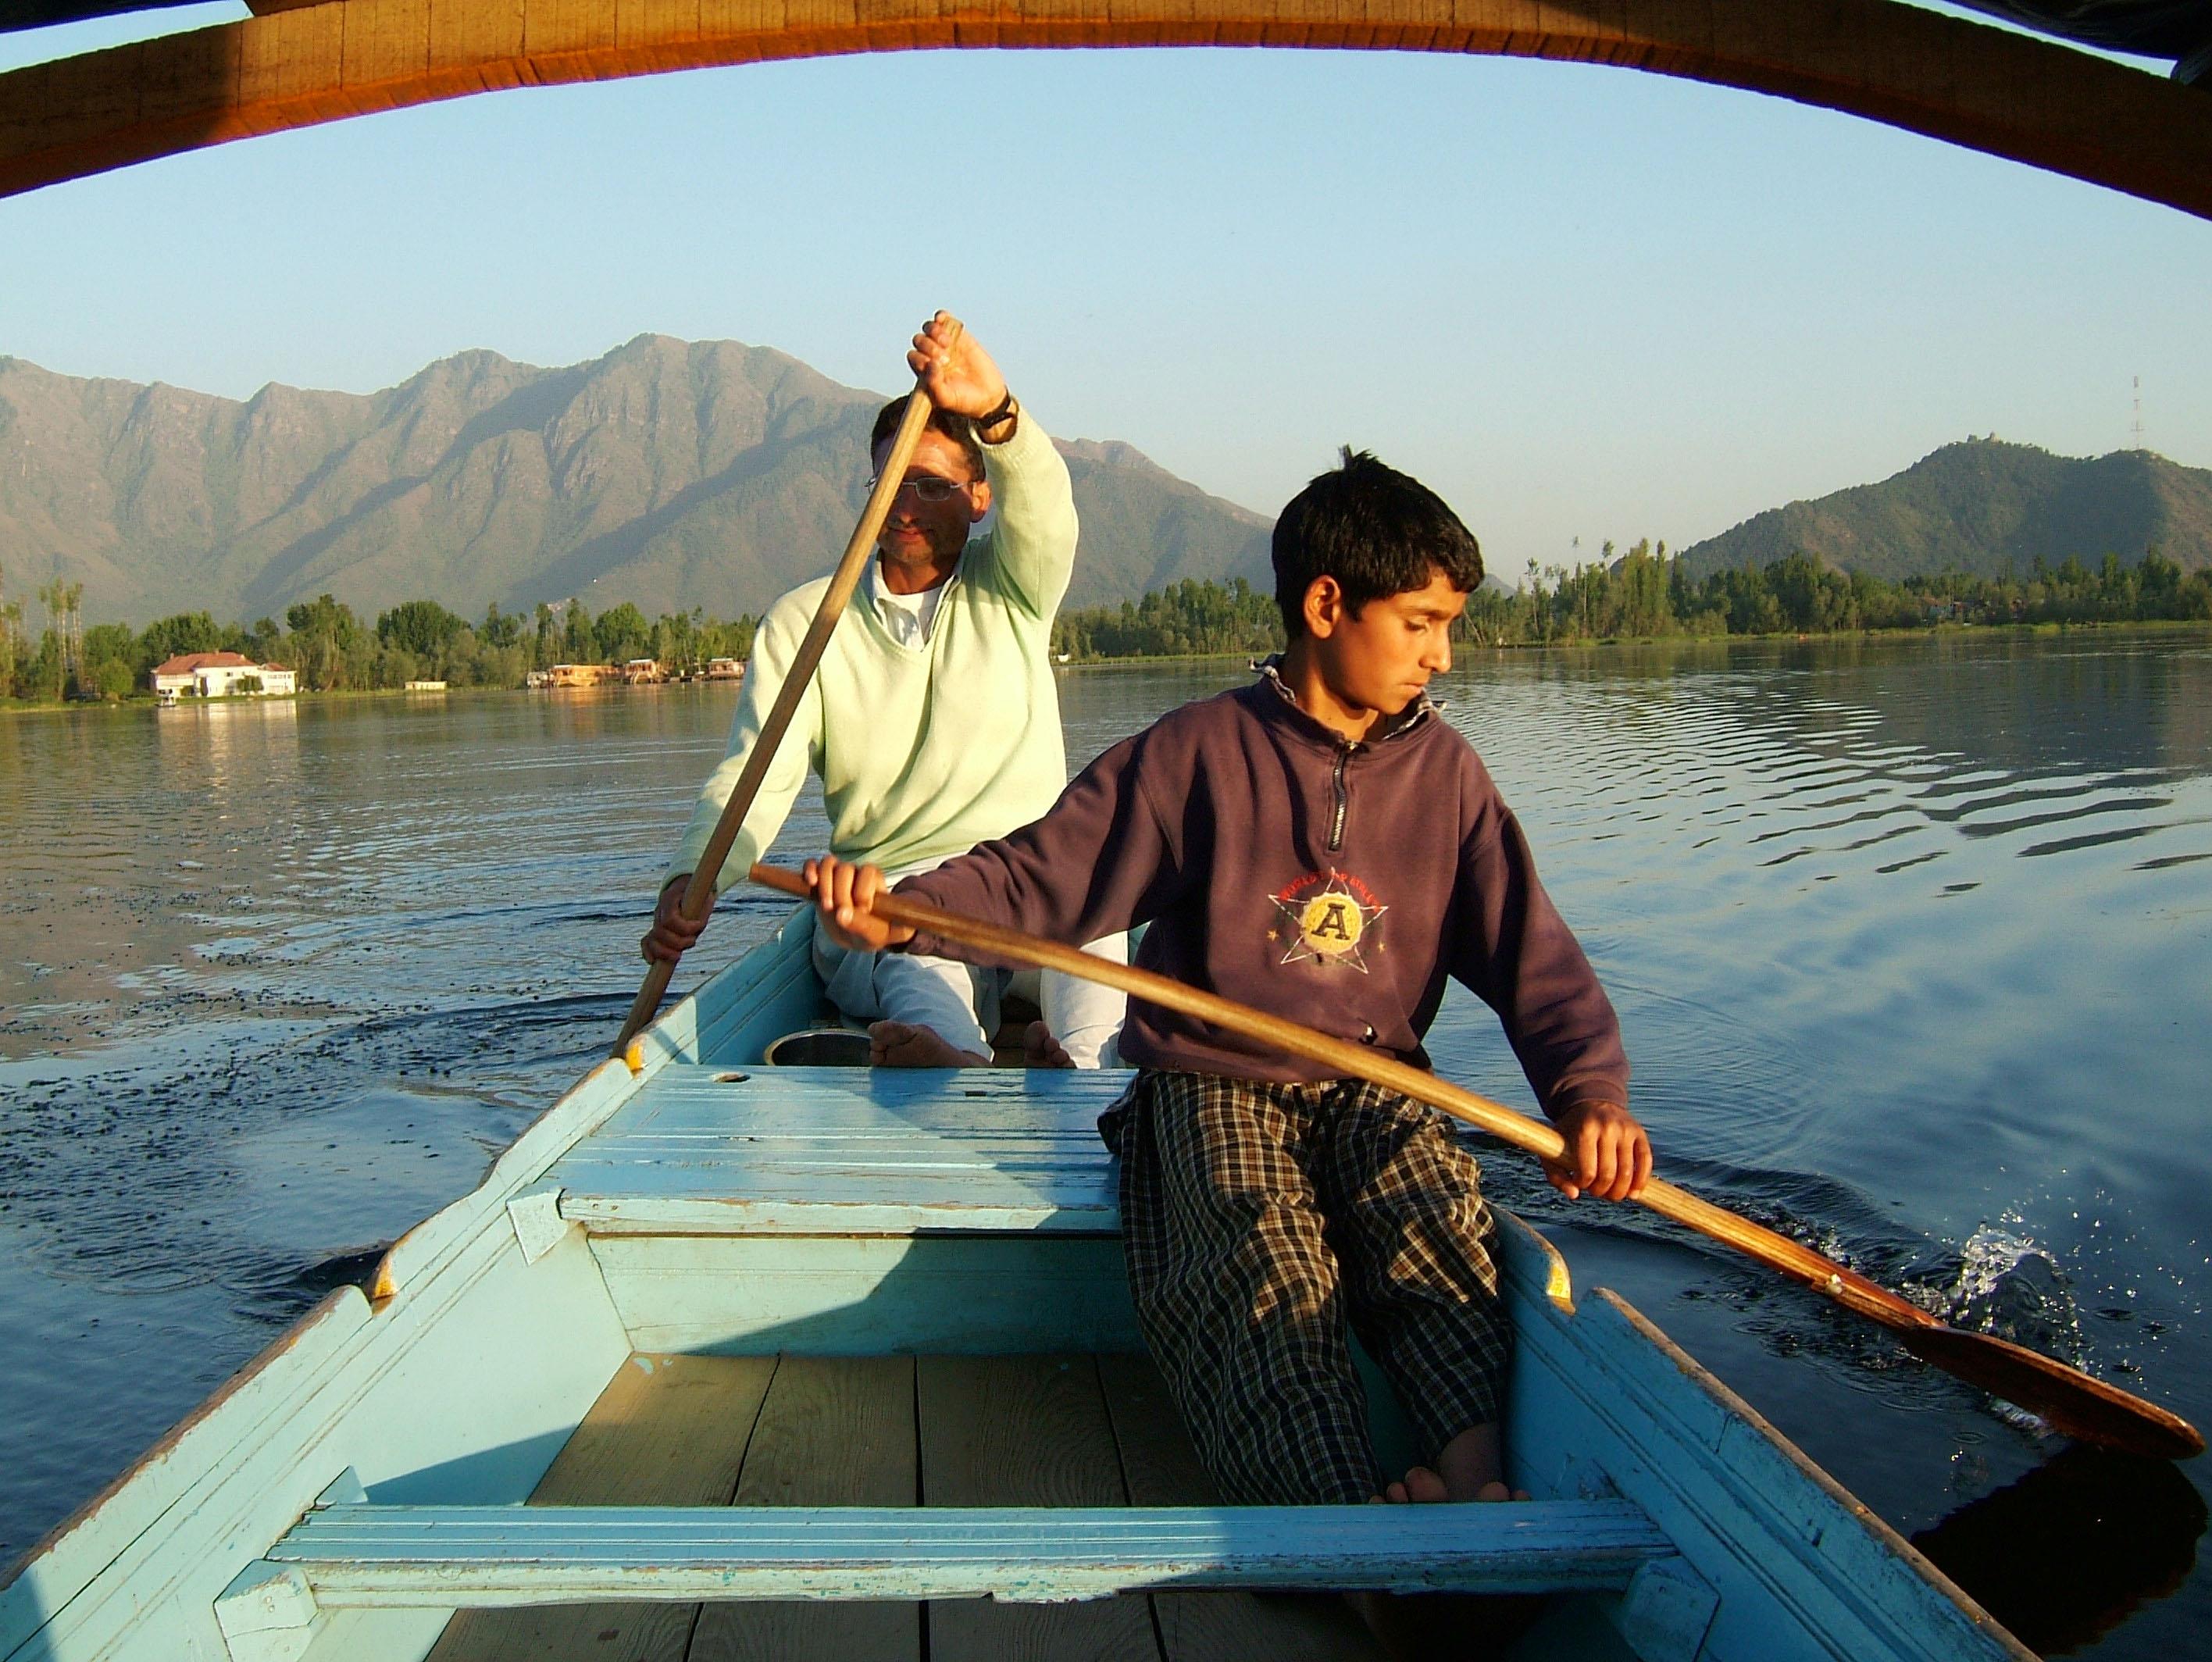 Kashmir Srinagar Shikaras Dal lake India Apr 2004 18